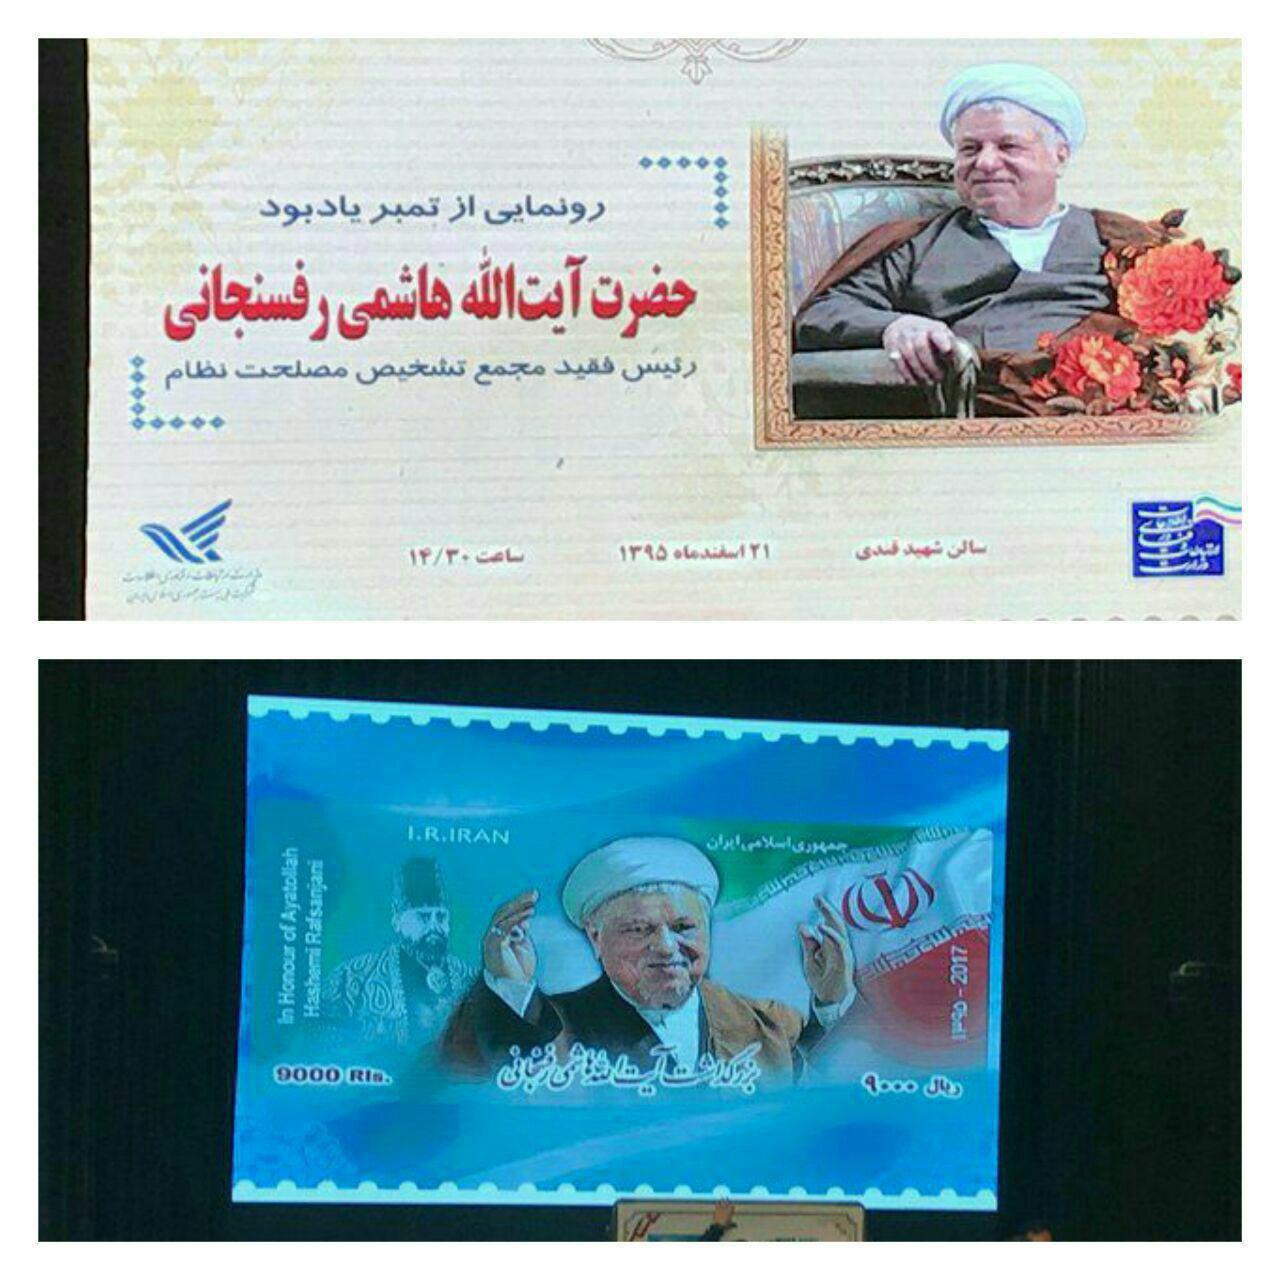 رونمایی از تمبر یادبود آیت الله هاشمی رفسنجانی